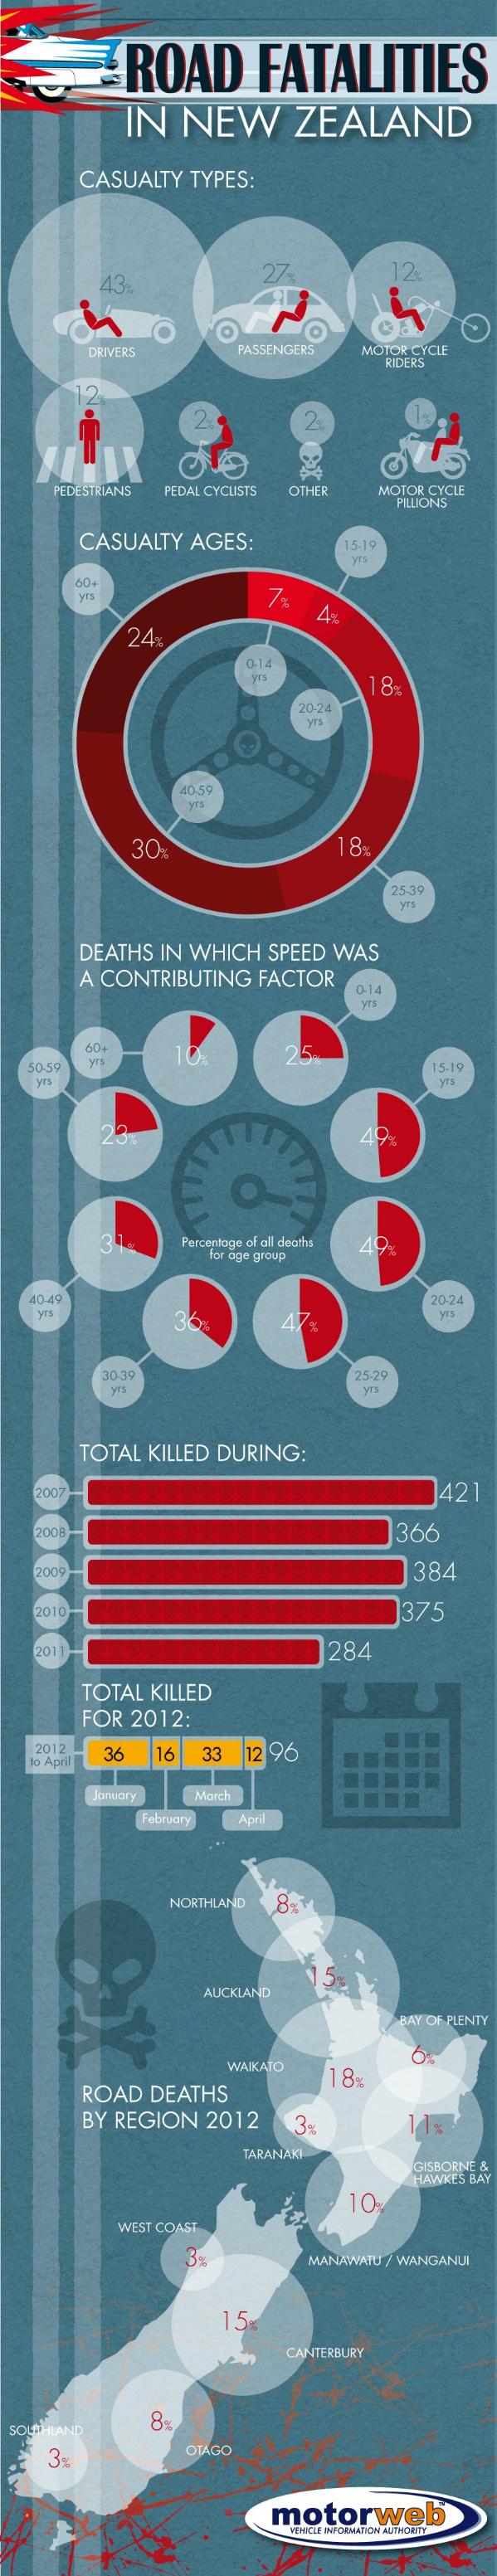 Road Fatalities in NZ